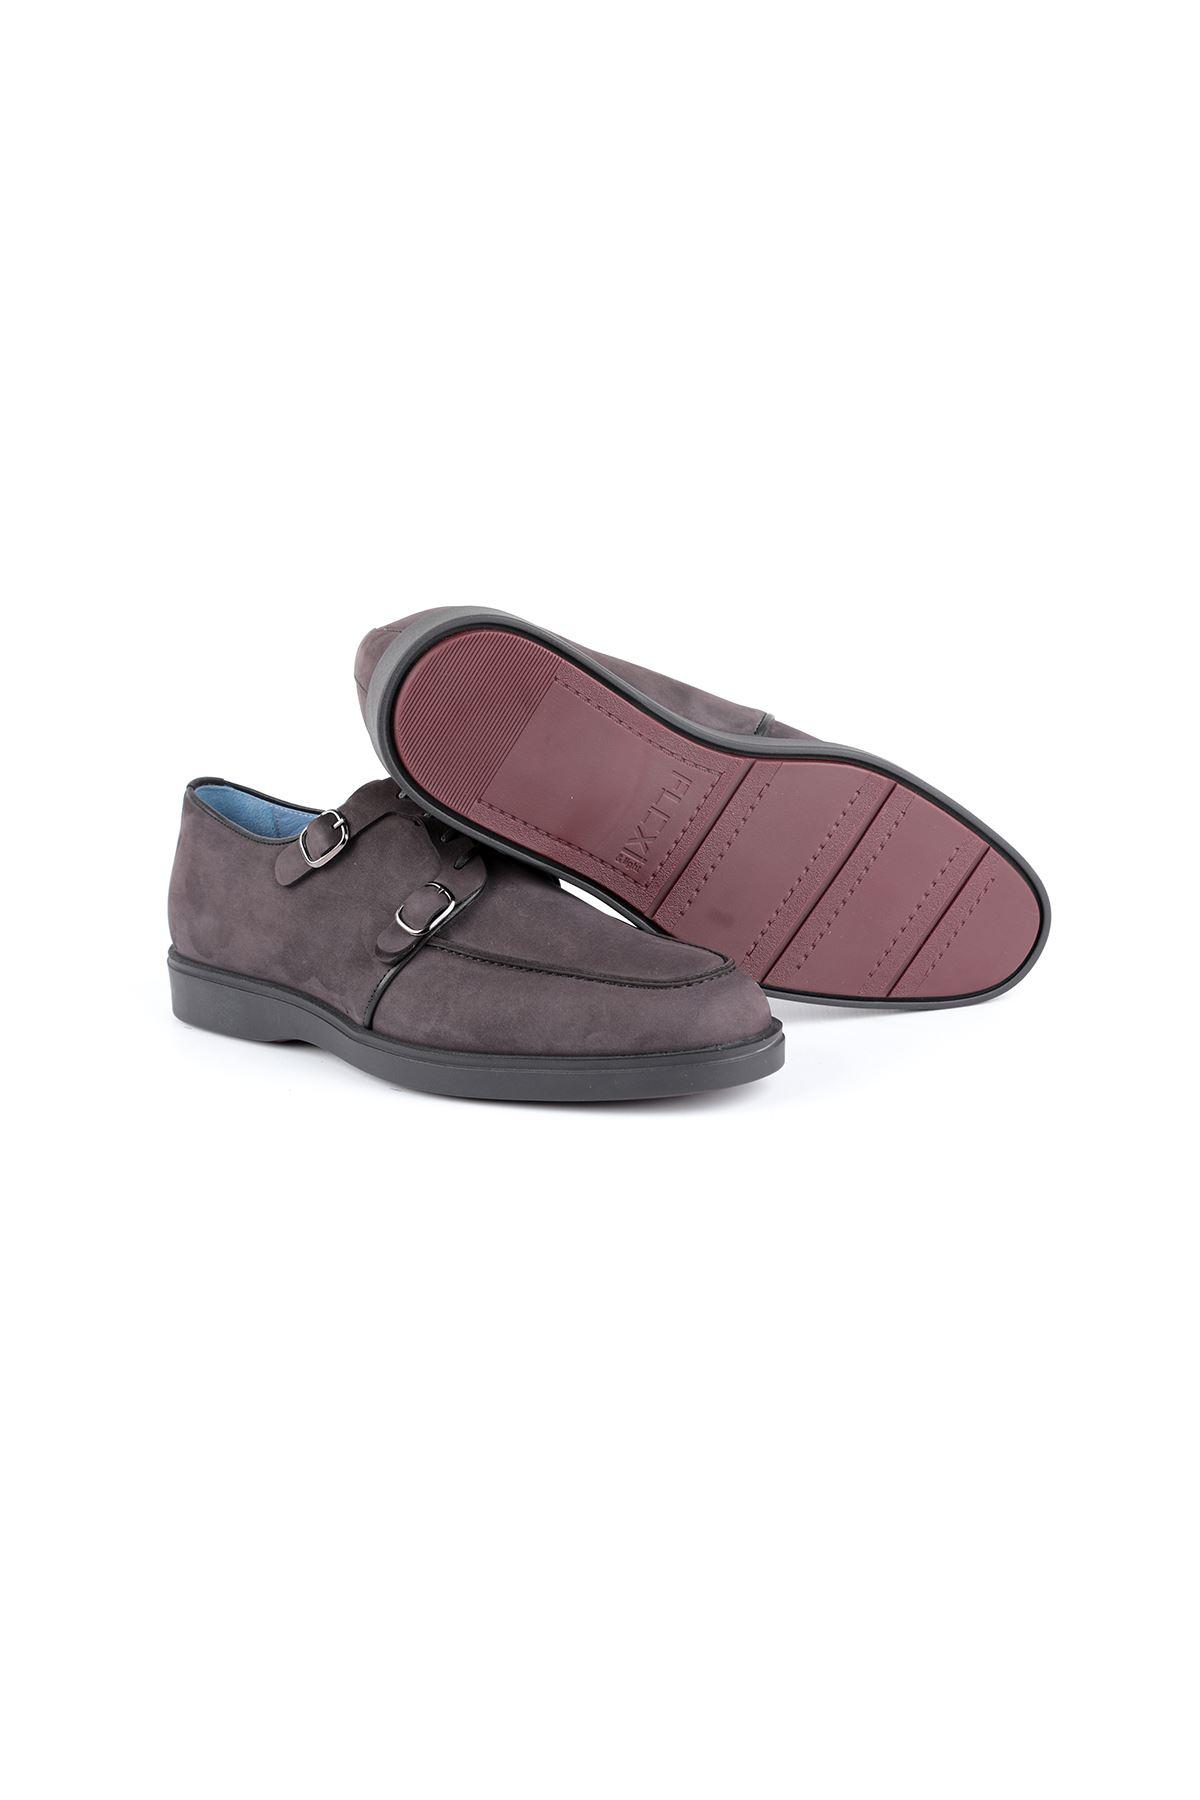 Libero L3756 Antrasit Casual Erkek Ayakkabı